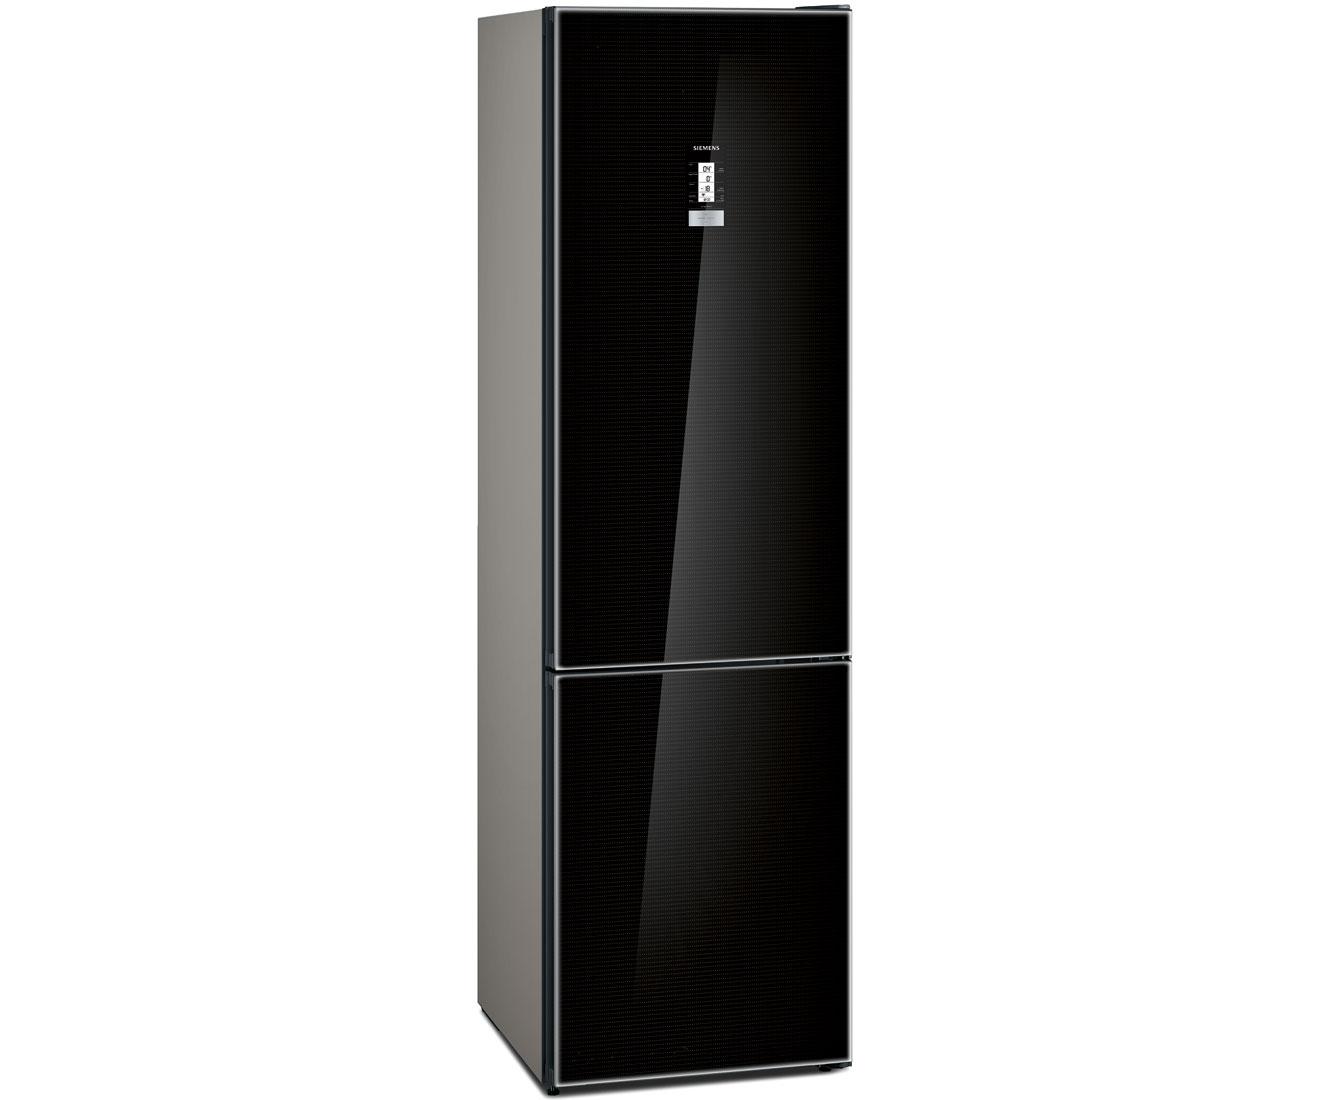 Retro Kühlschrank Bomann : Kühlschrank schwarz preisvergleich u2022 die besten angebote online kaufen